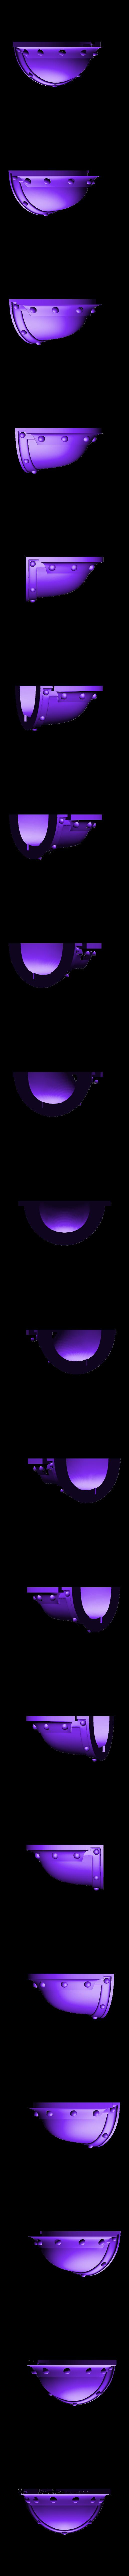 Shoulder 3.stl Télécharger fichier STL gratuit L'équipe des Chevaliers gris Primaris • Modèle pour imprimante 3D, joeldawson93